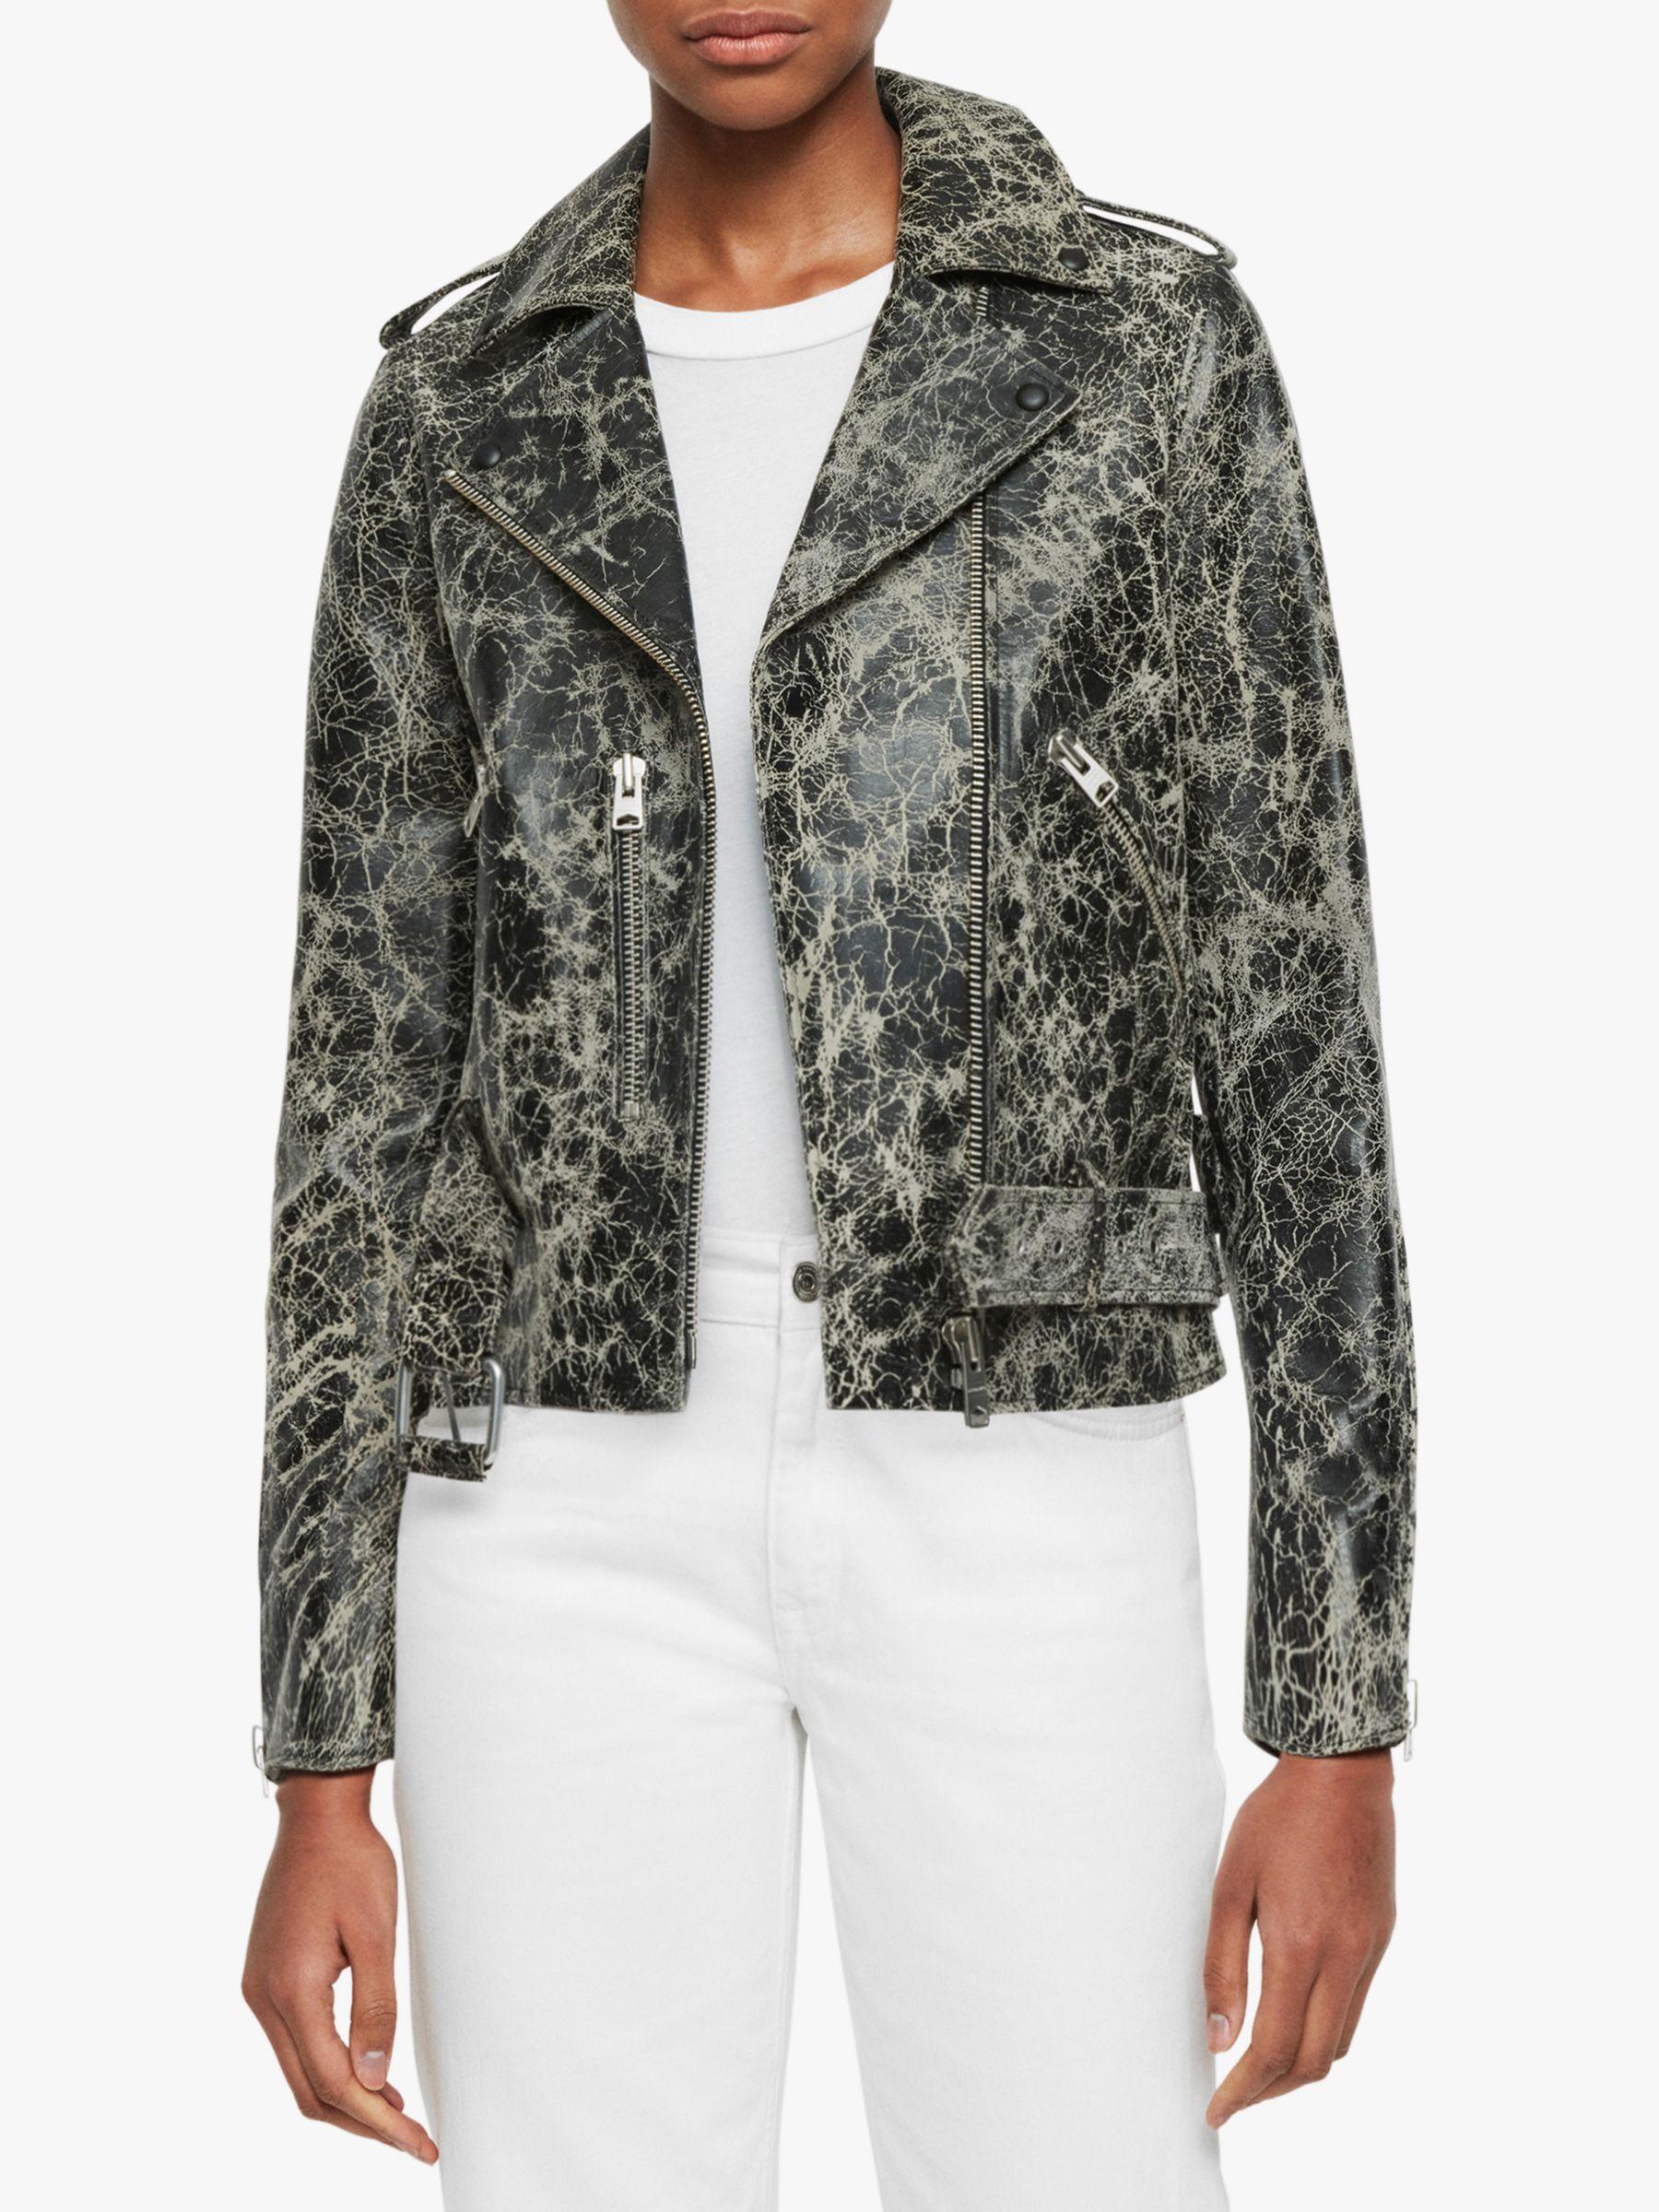 AllSaints AllSaints Balfern Rift Leather Biker Jacket, Black/White